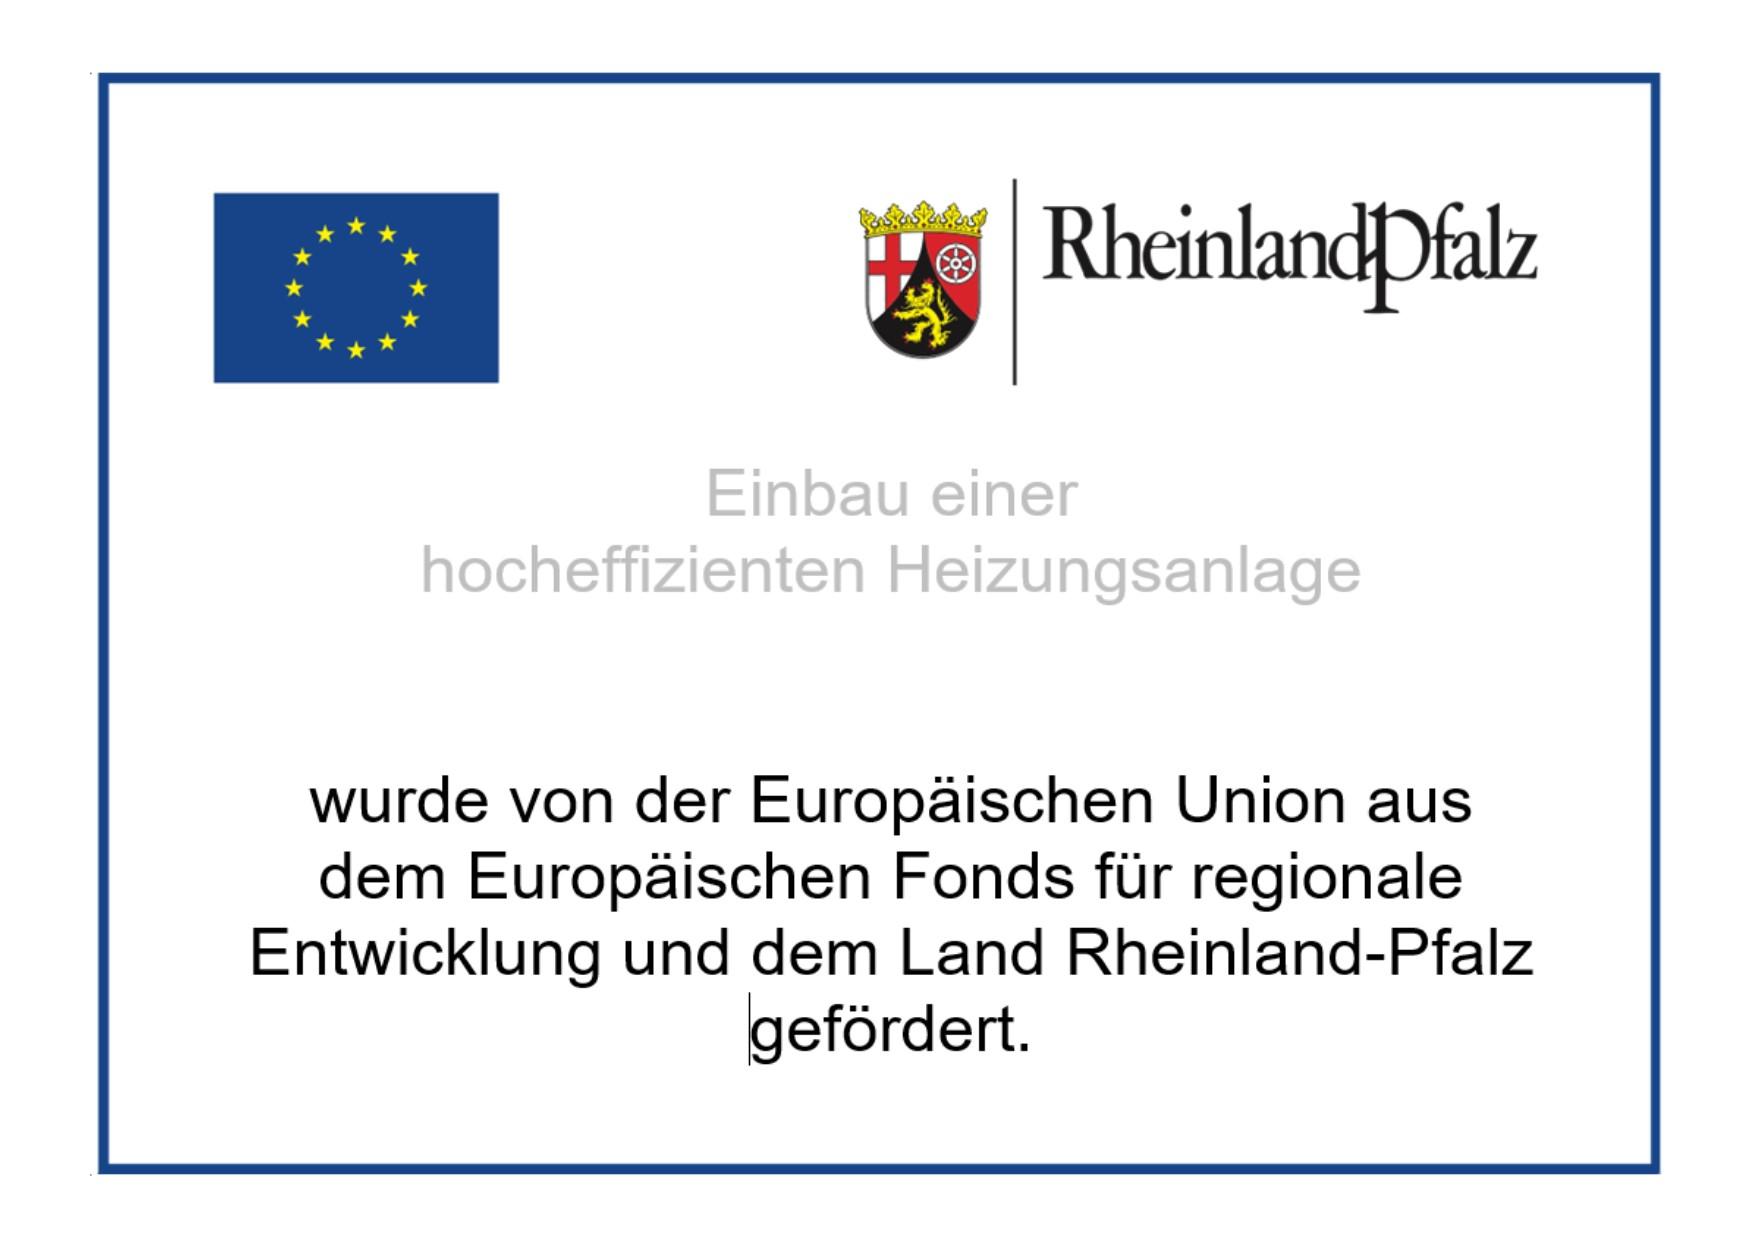 Einbau einer hocheffizienten Heizungsanlage, wurde von der Europäischen Union aus dem Europäischen {C}<!--cke_bookmark_258S-->{C}<!--cke_bookmark_258E-->Fonds für regionale Entwicklung und dem Land Rheinland-Pfalz gefördert.